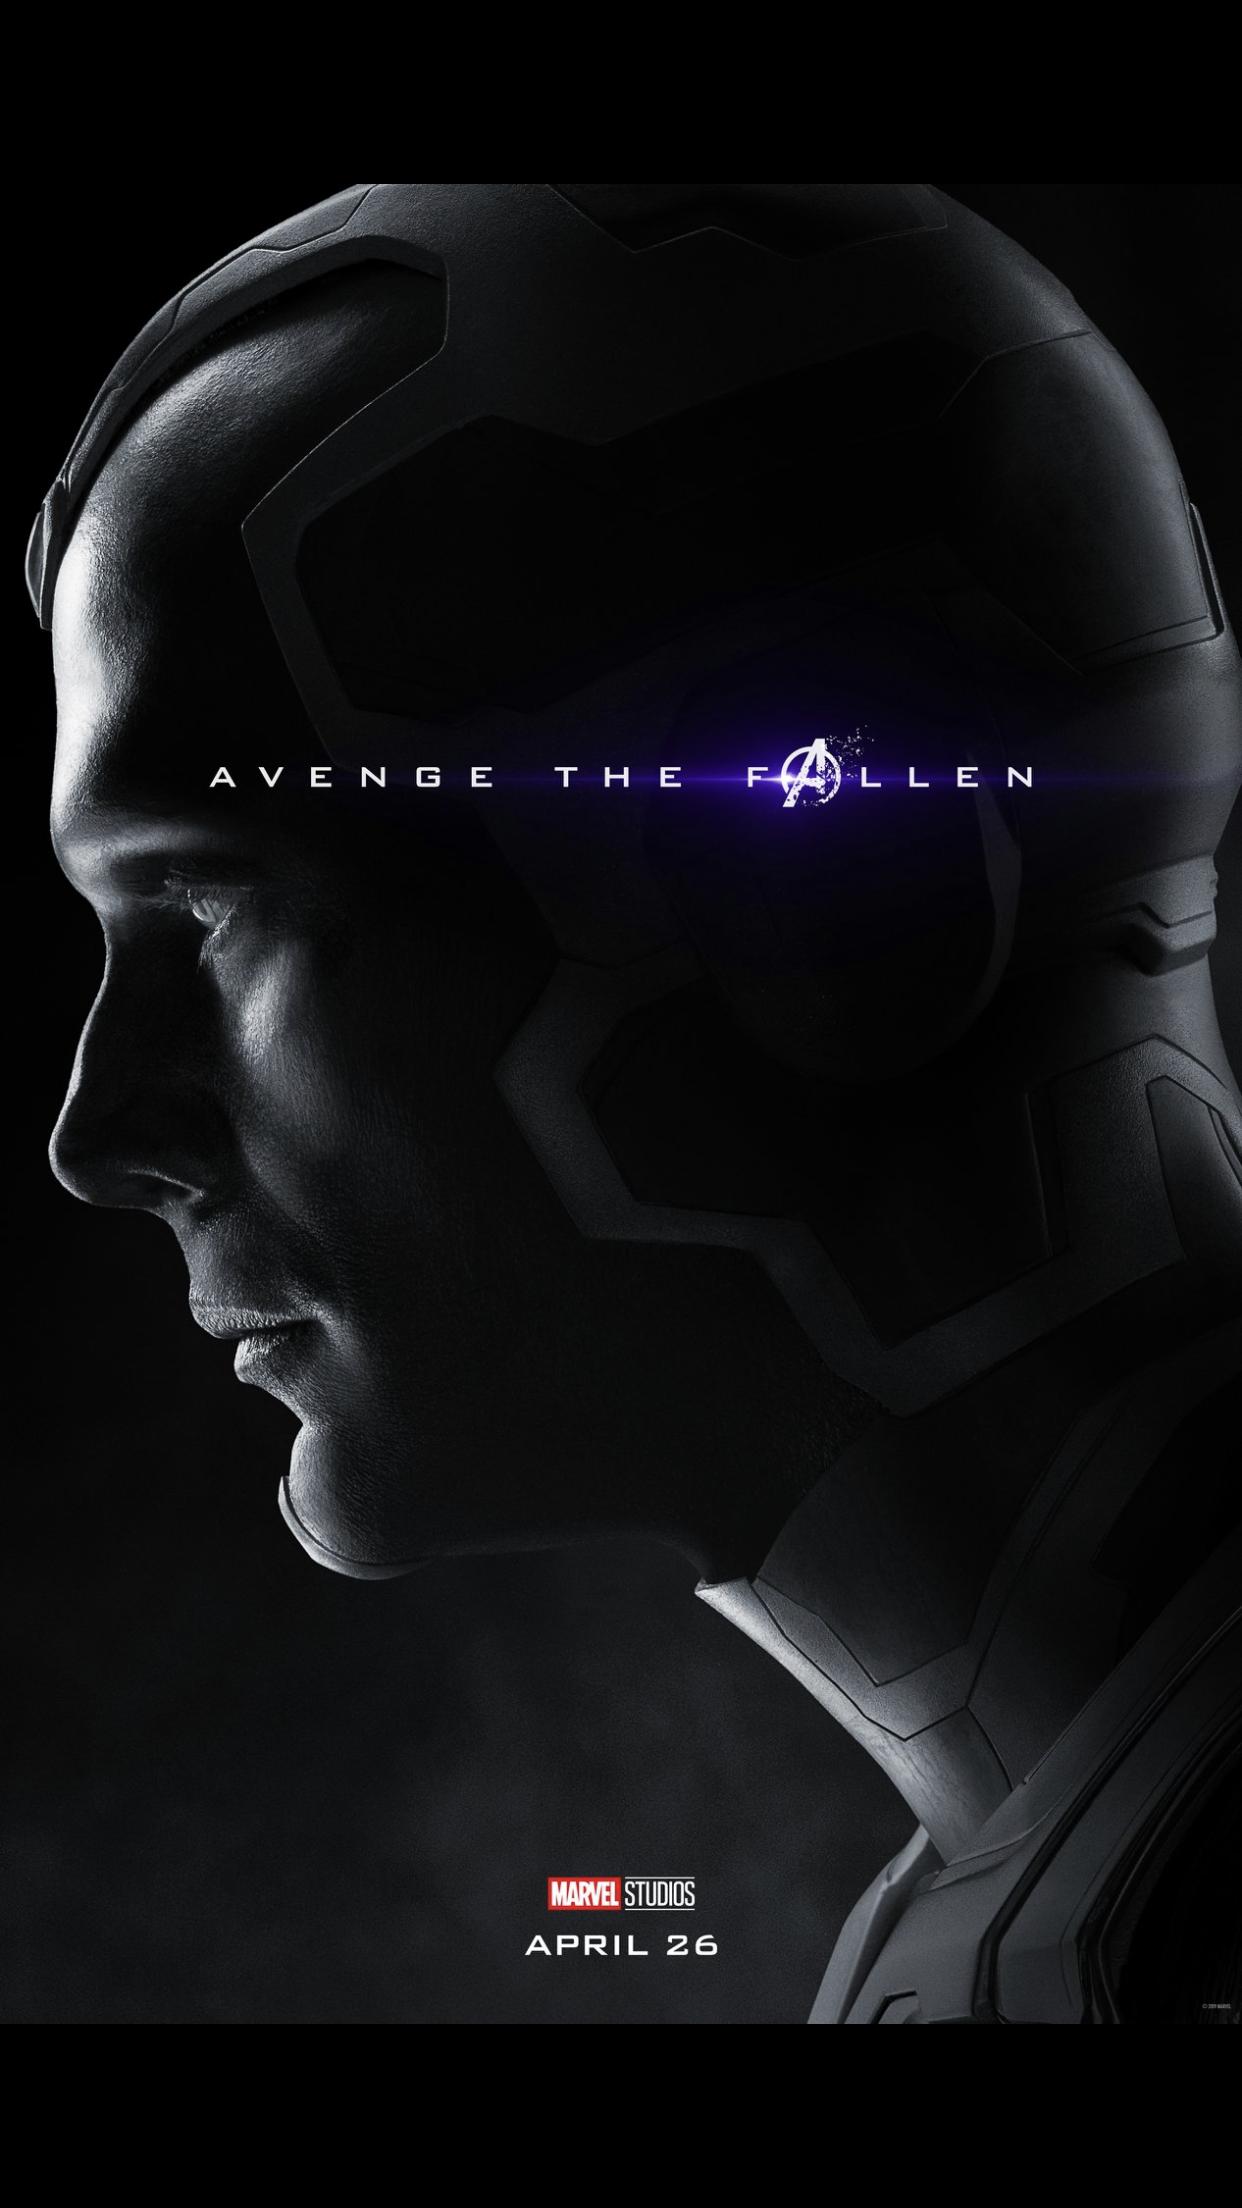 Vision Avenge The Fallen Endgame